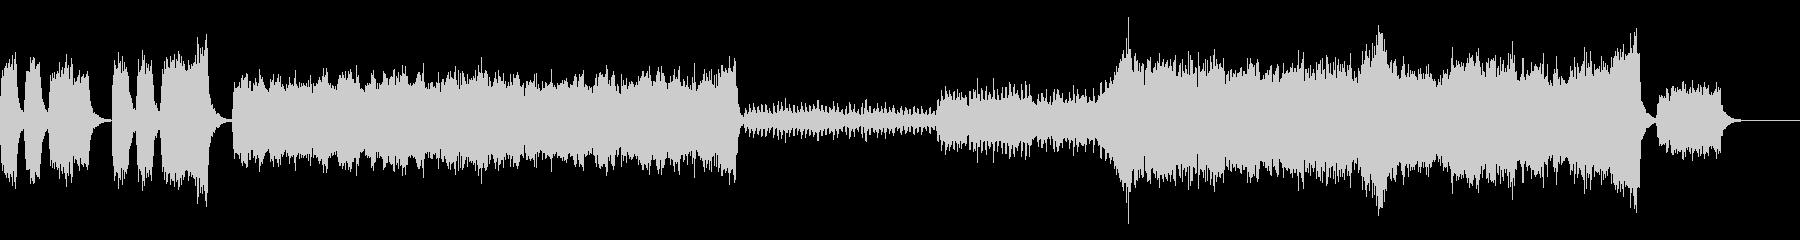 合唱系の壮大な音楽です。の未再生の波形